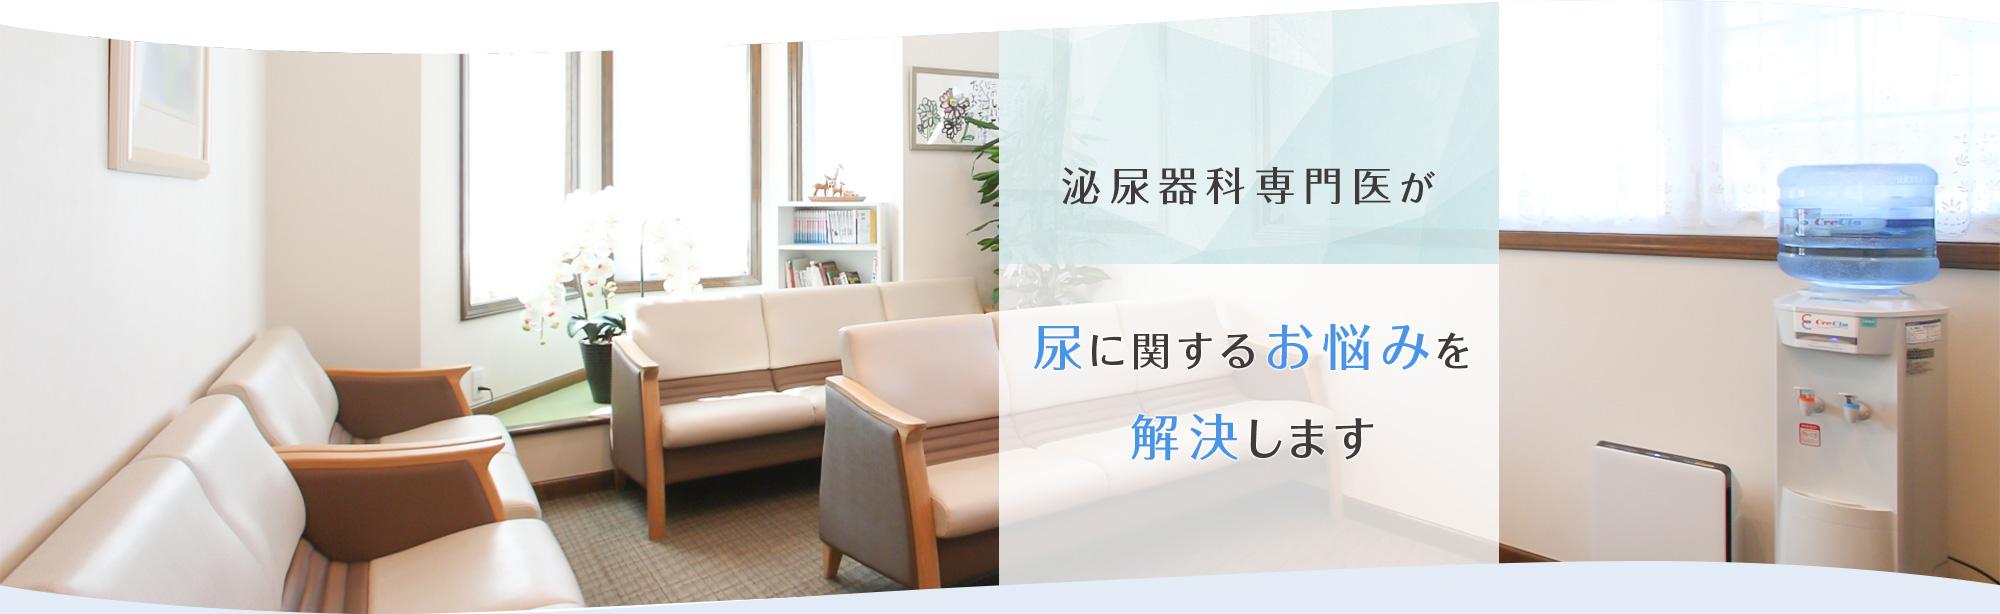 泌尿器科専門医が尿に関するお悩みを解決します。